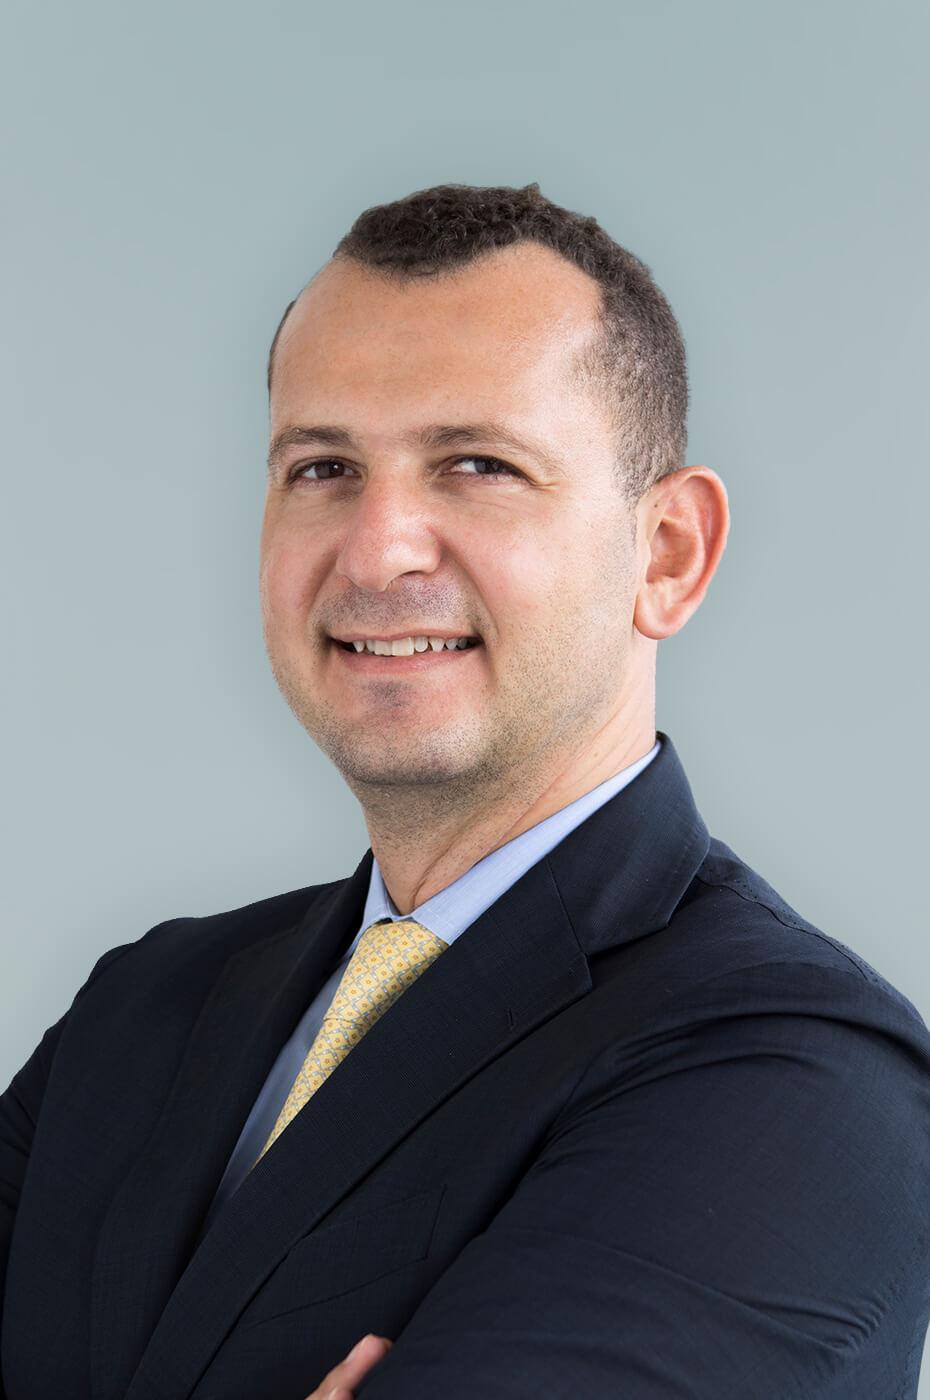 Roberto Colapinto : Gründer